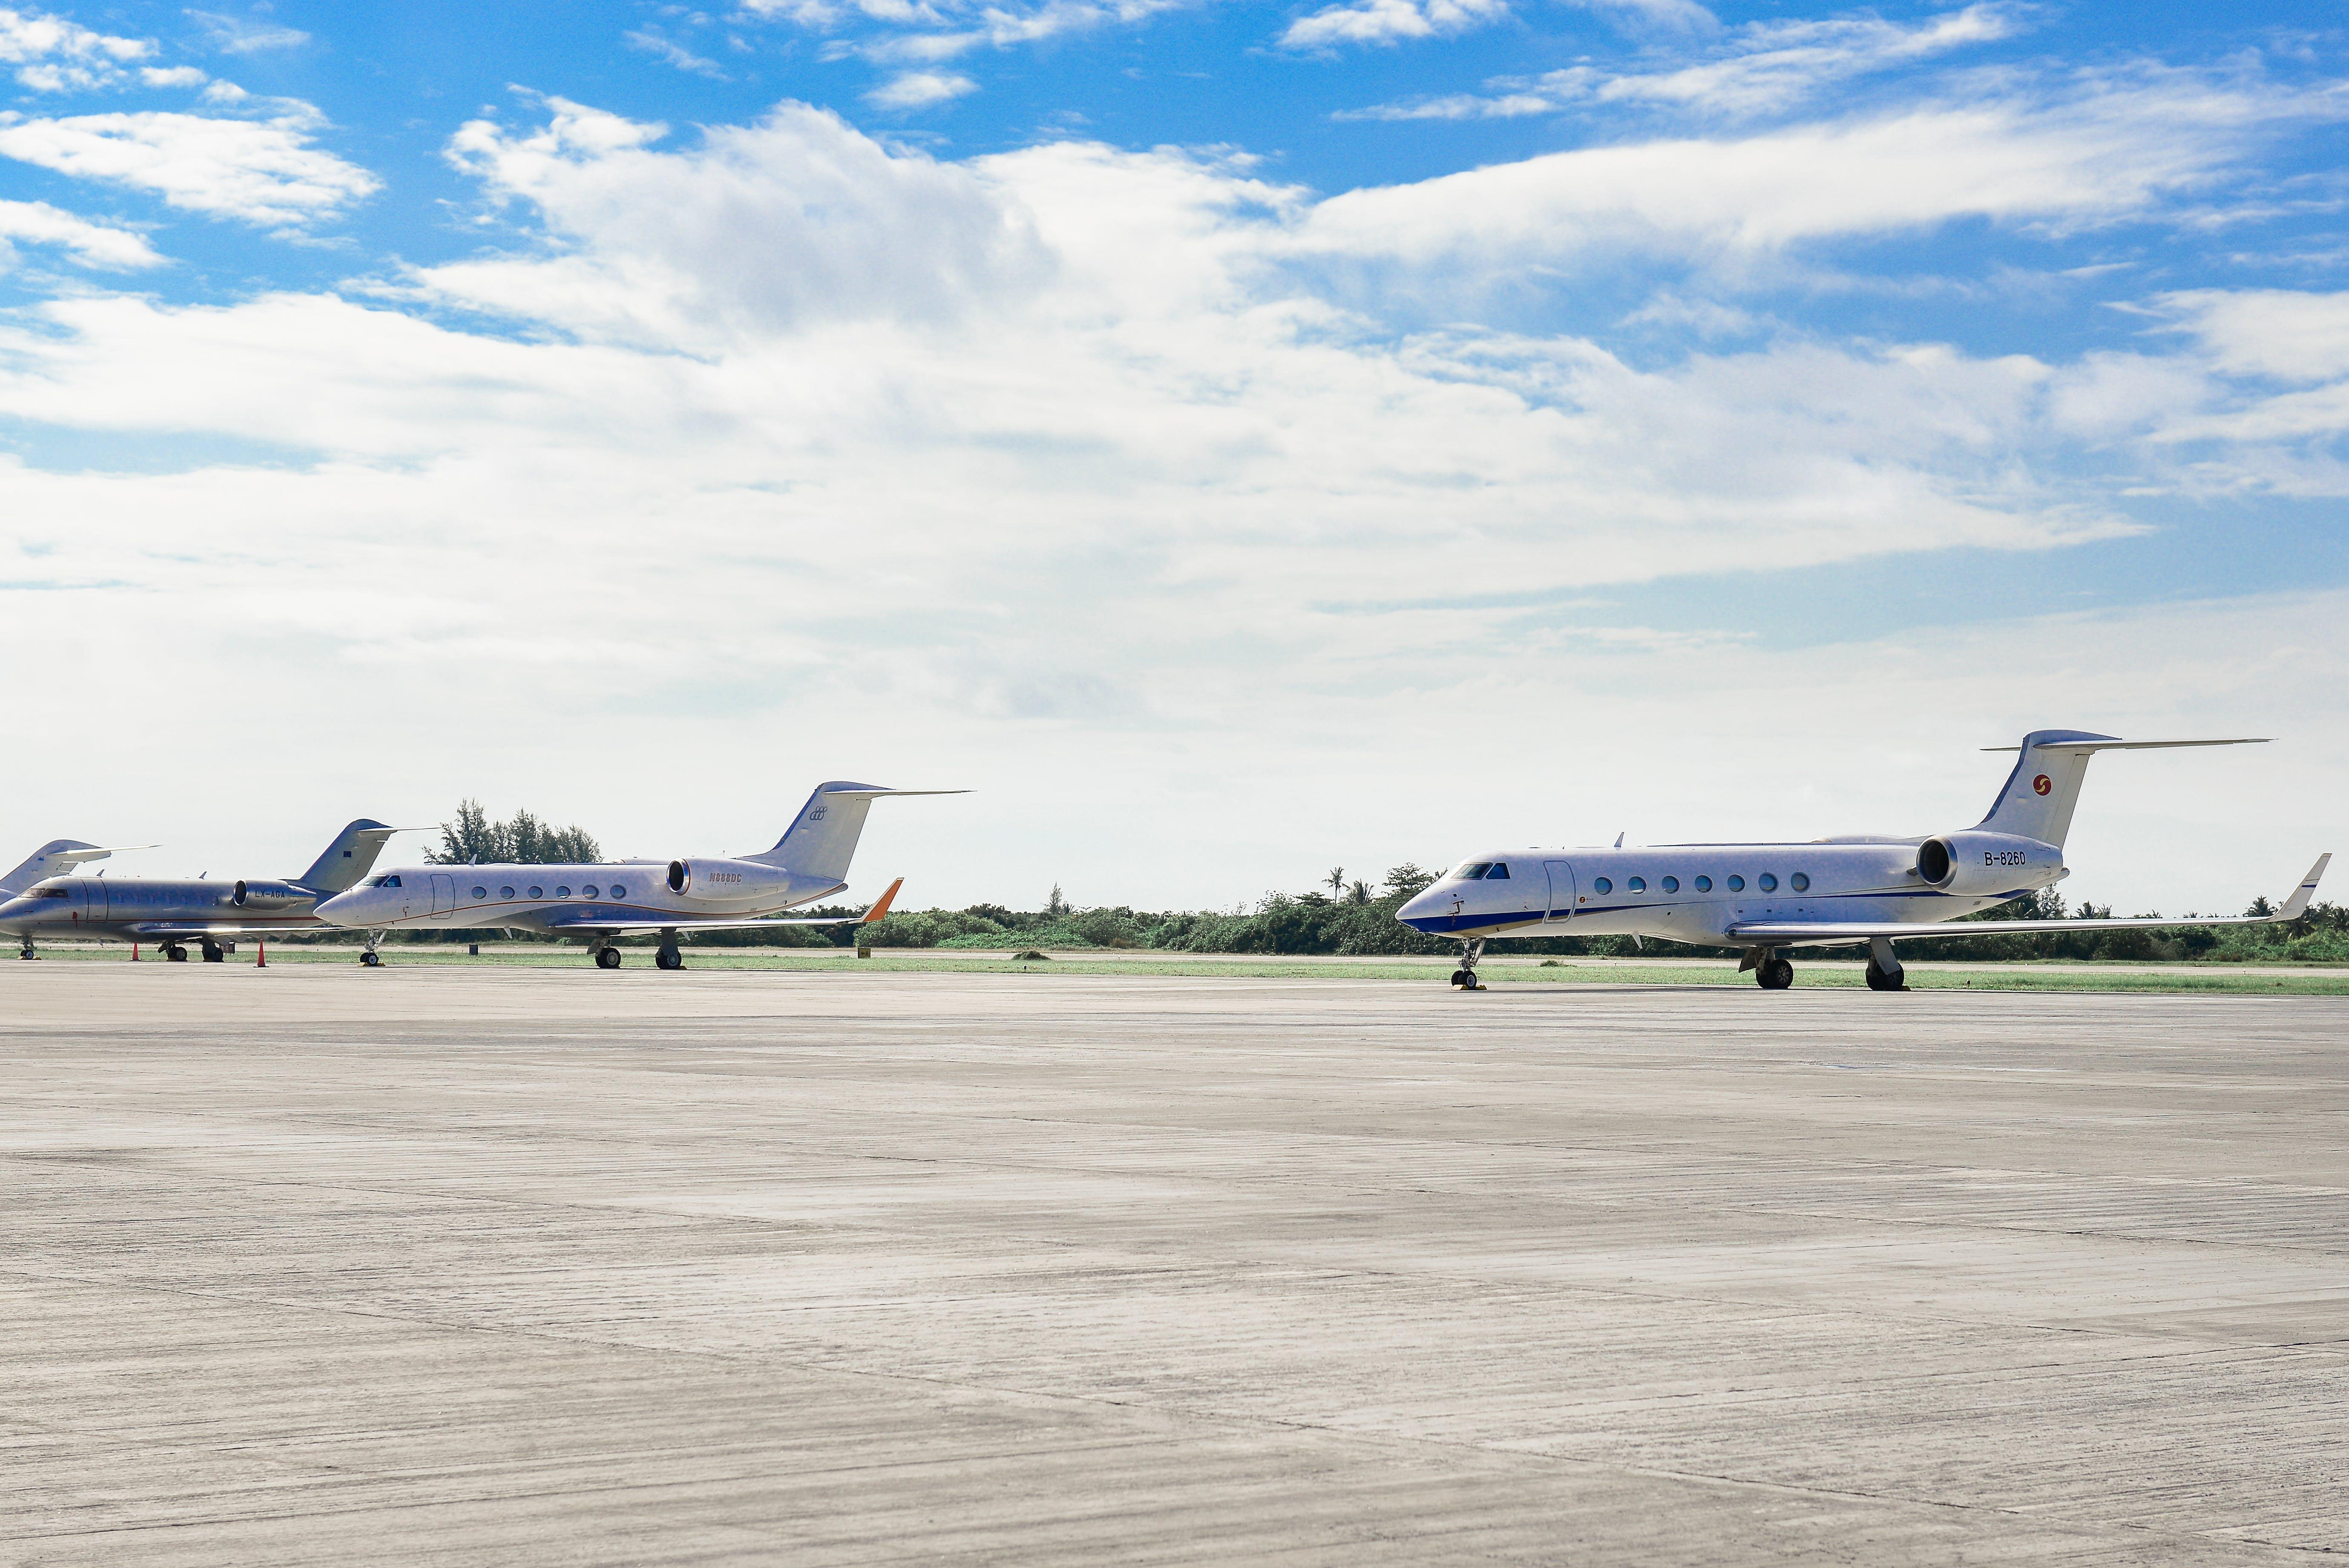 Δωρεάν στοκ φωτογραφιών με trans maldivian, αεριωθούμενο, αεροδιάδρομος, αεροδρόμιο